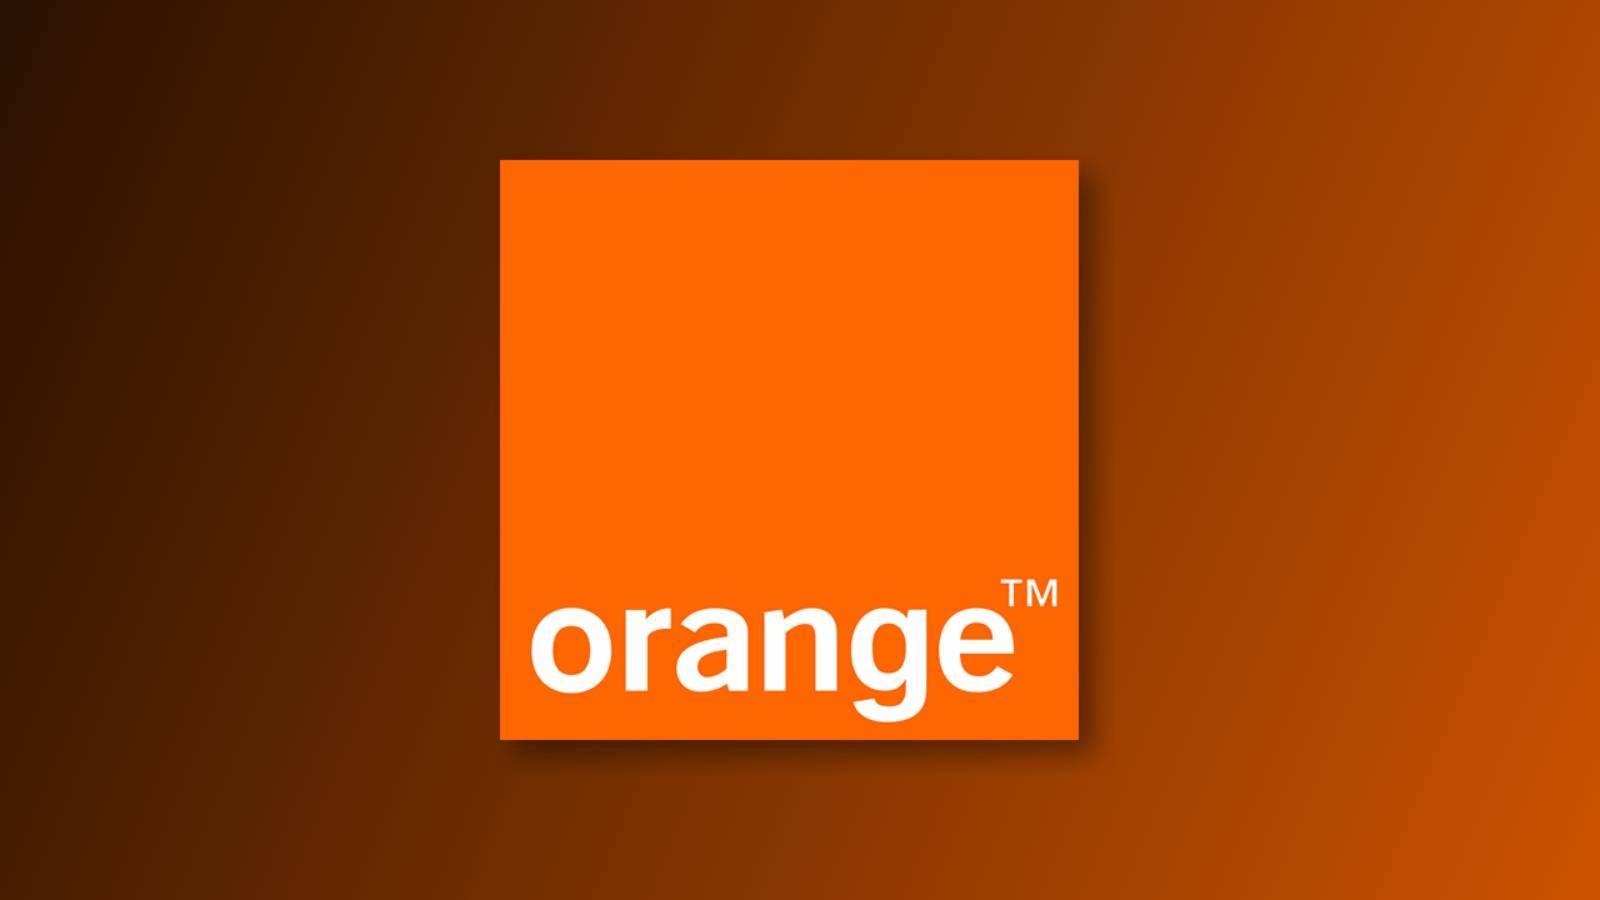 Orange yoxo